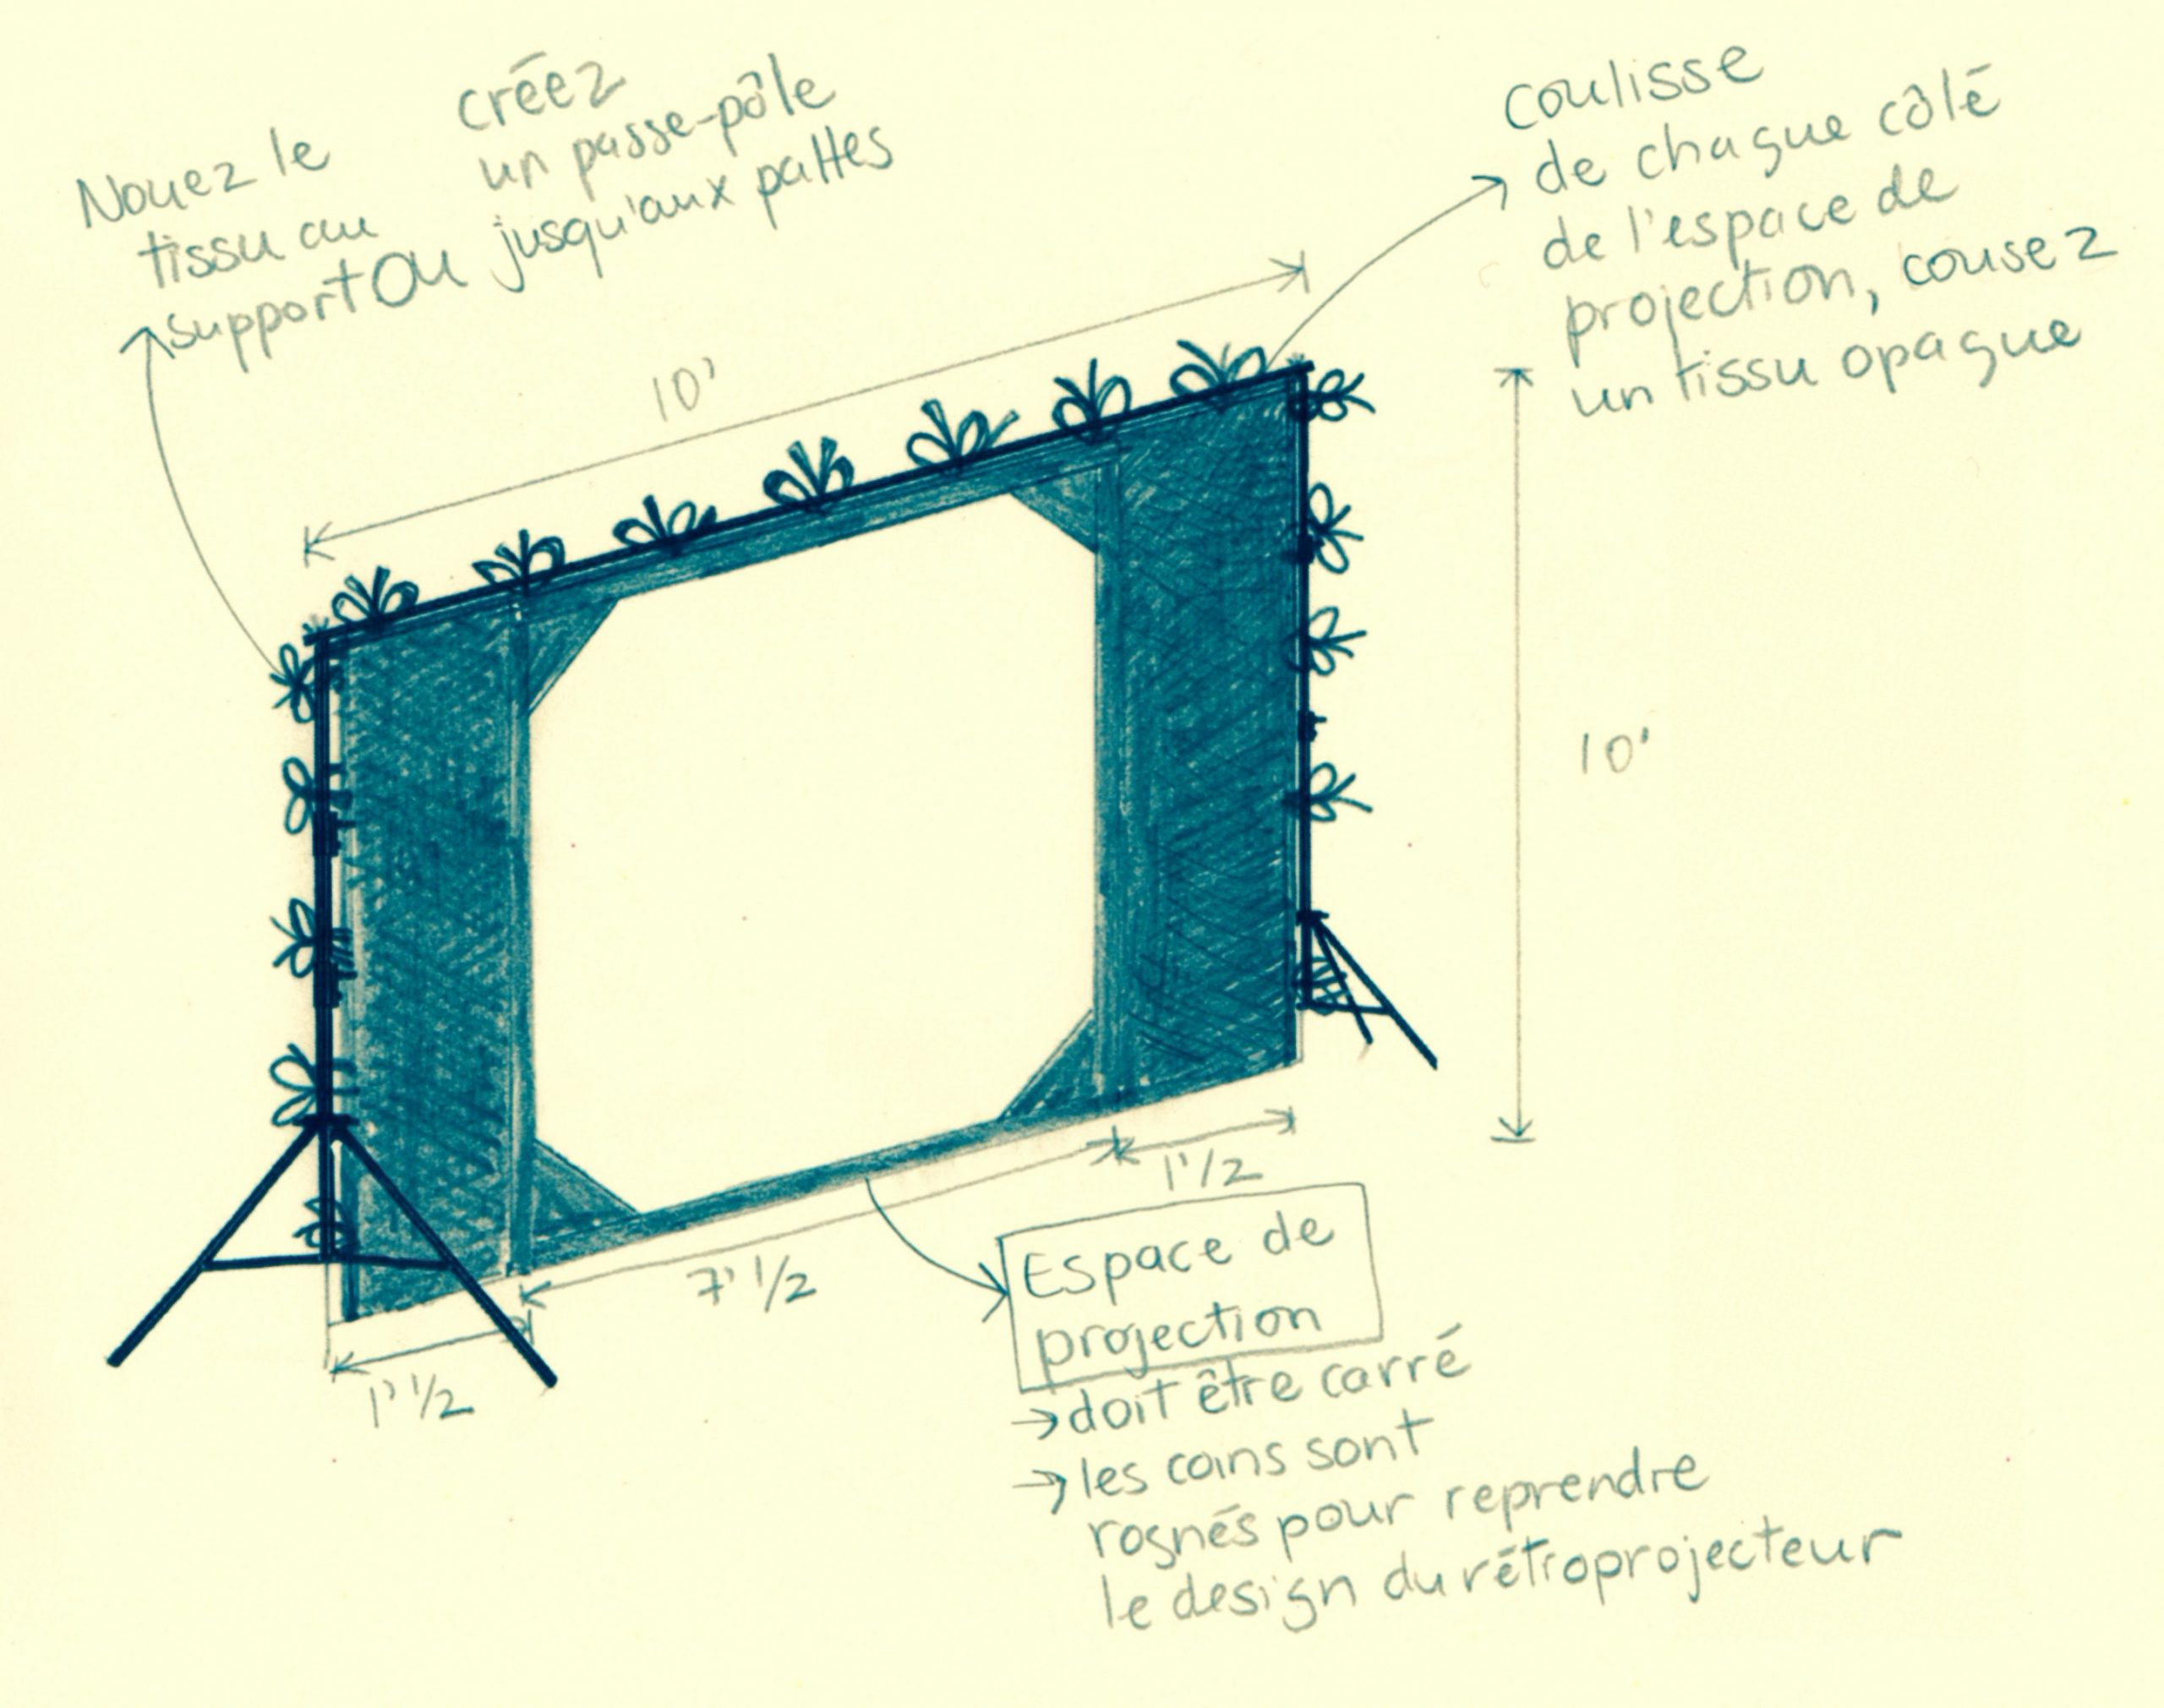 Système avec supports pour toile de photographes